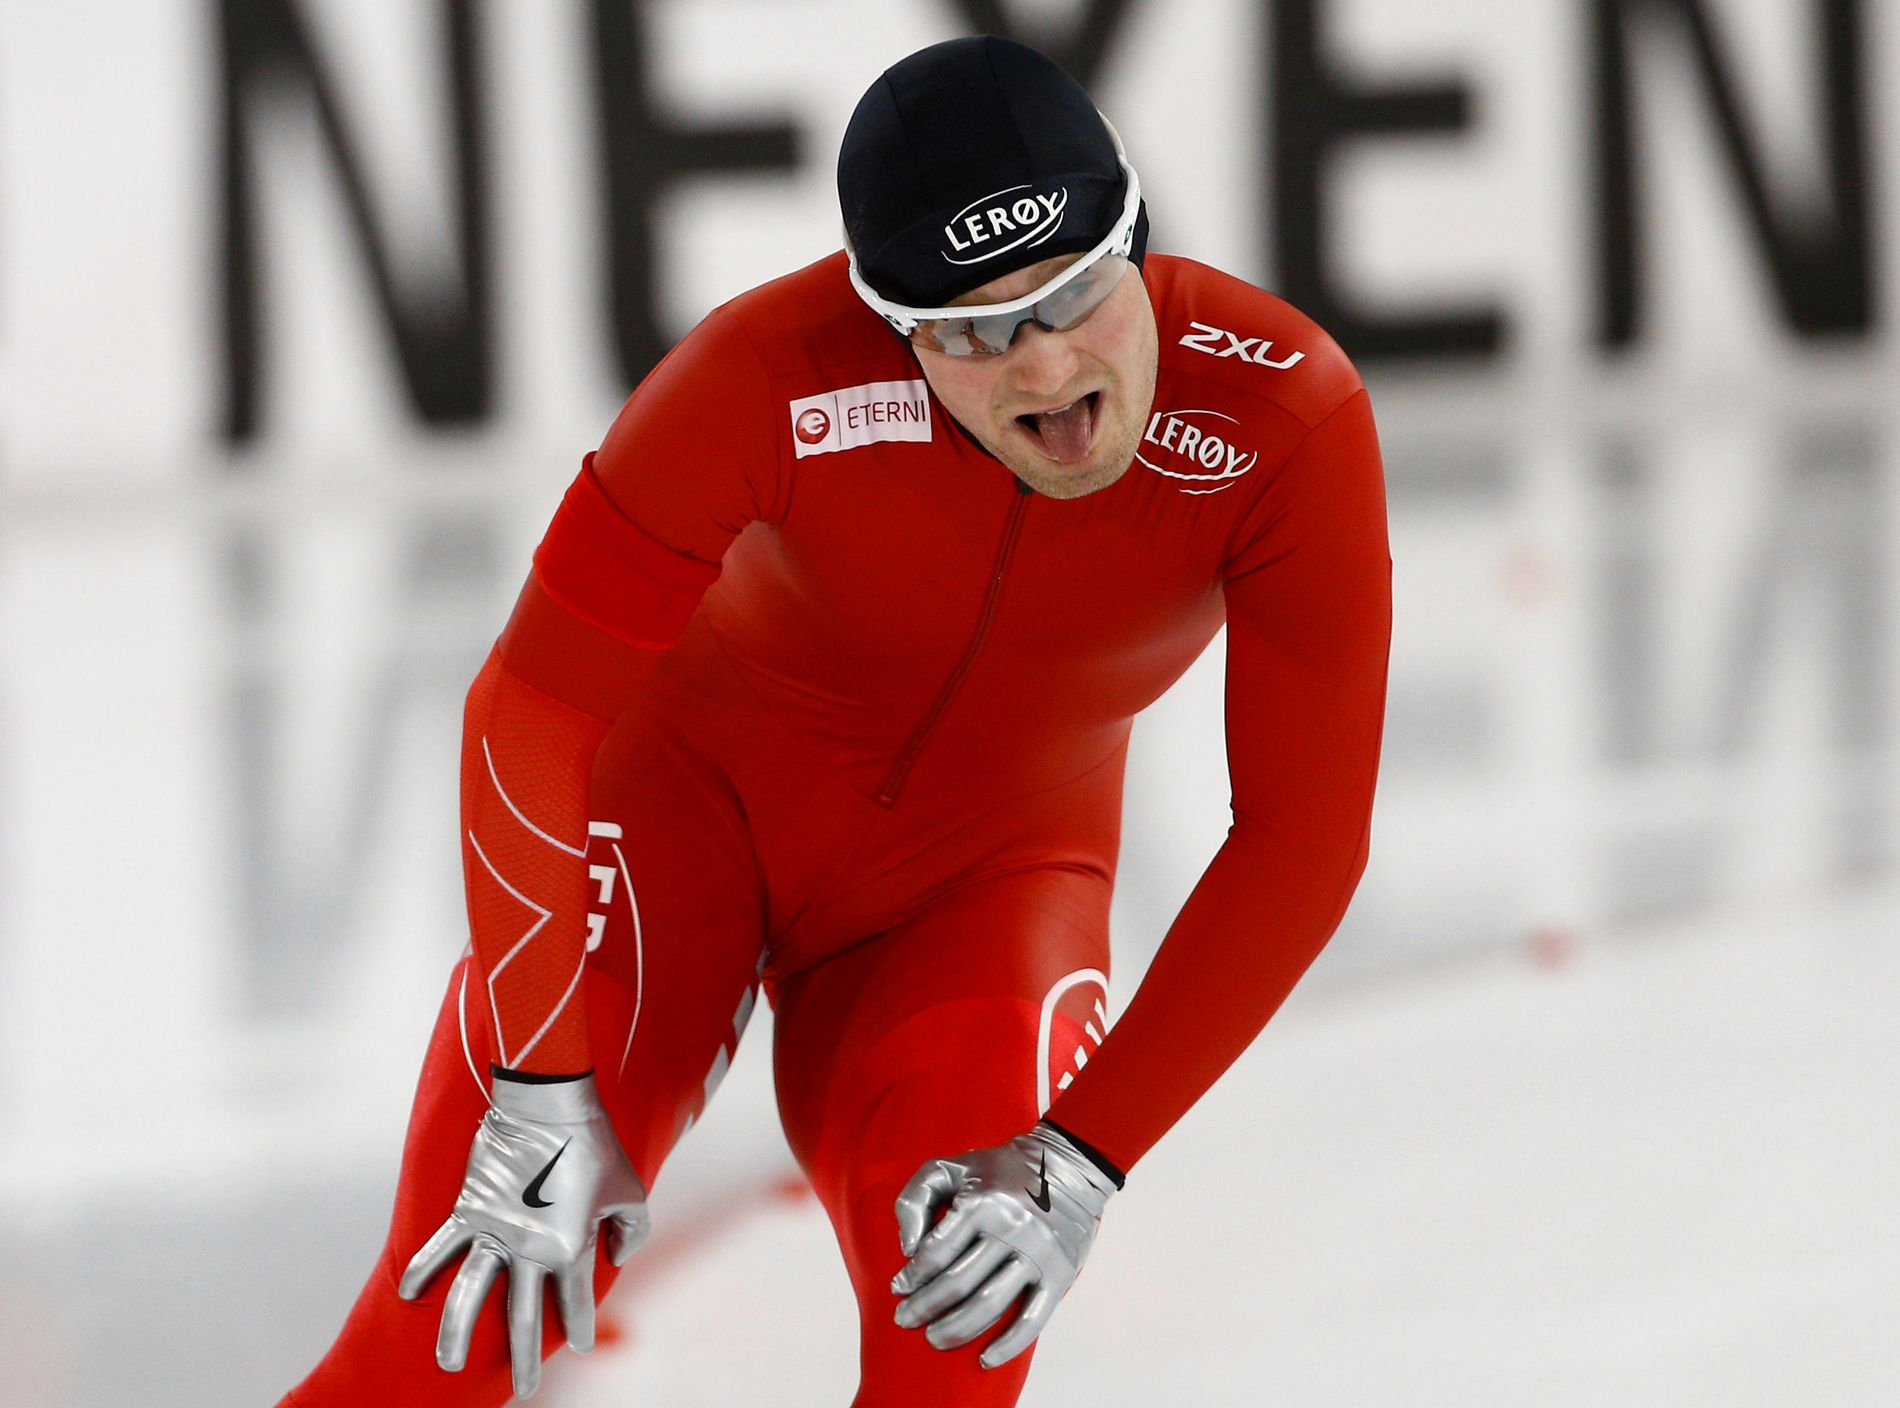 UTENFOR PALLEN: Sverre Lunde Pedersen fikk en tøff avslutning på EM i Heerenveen.